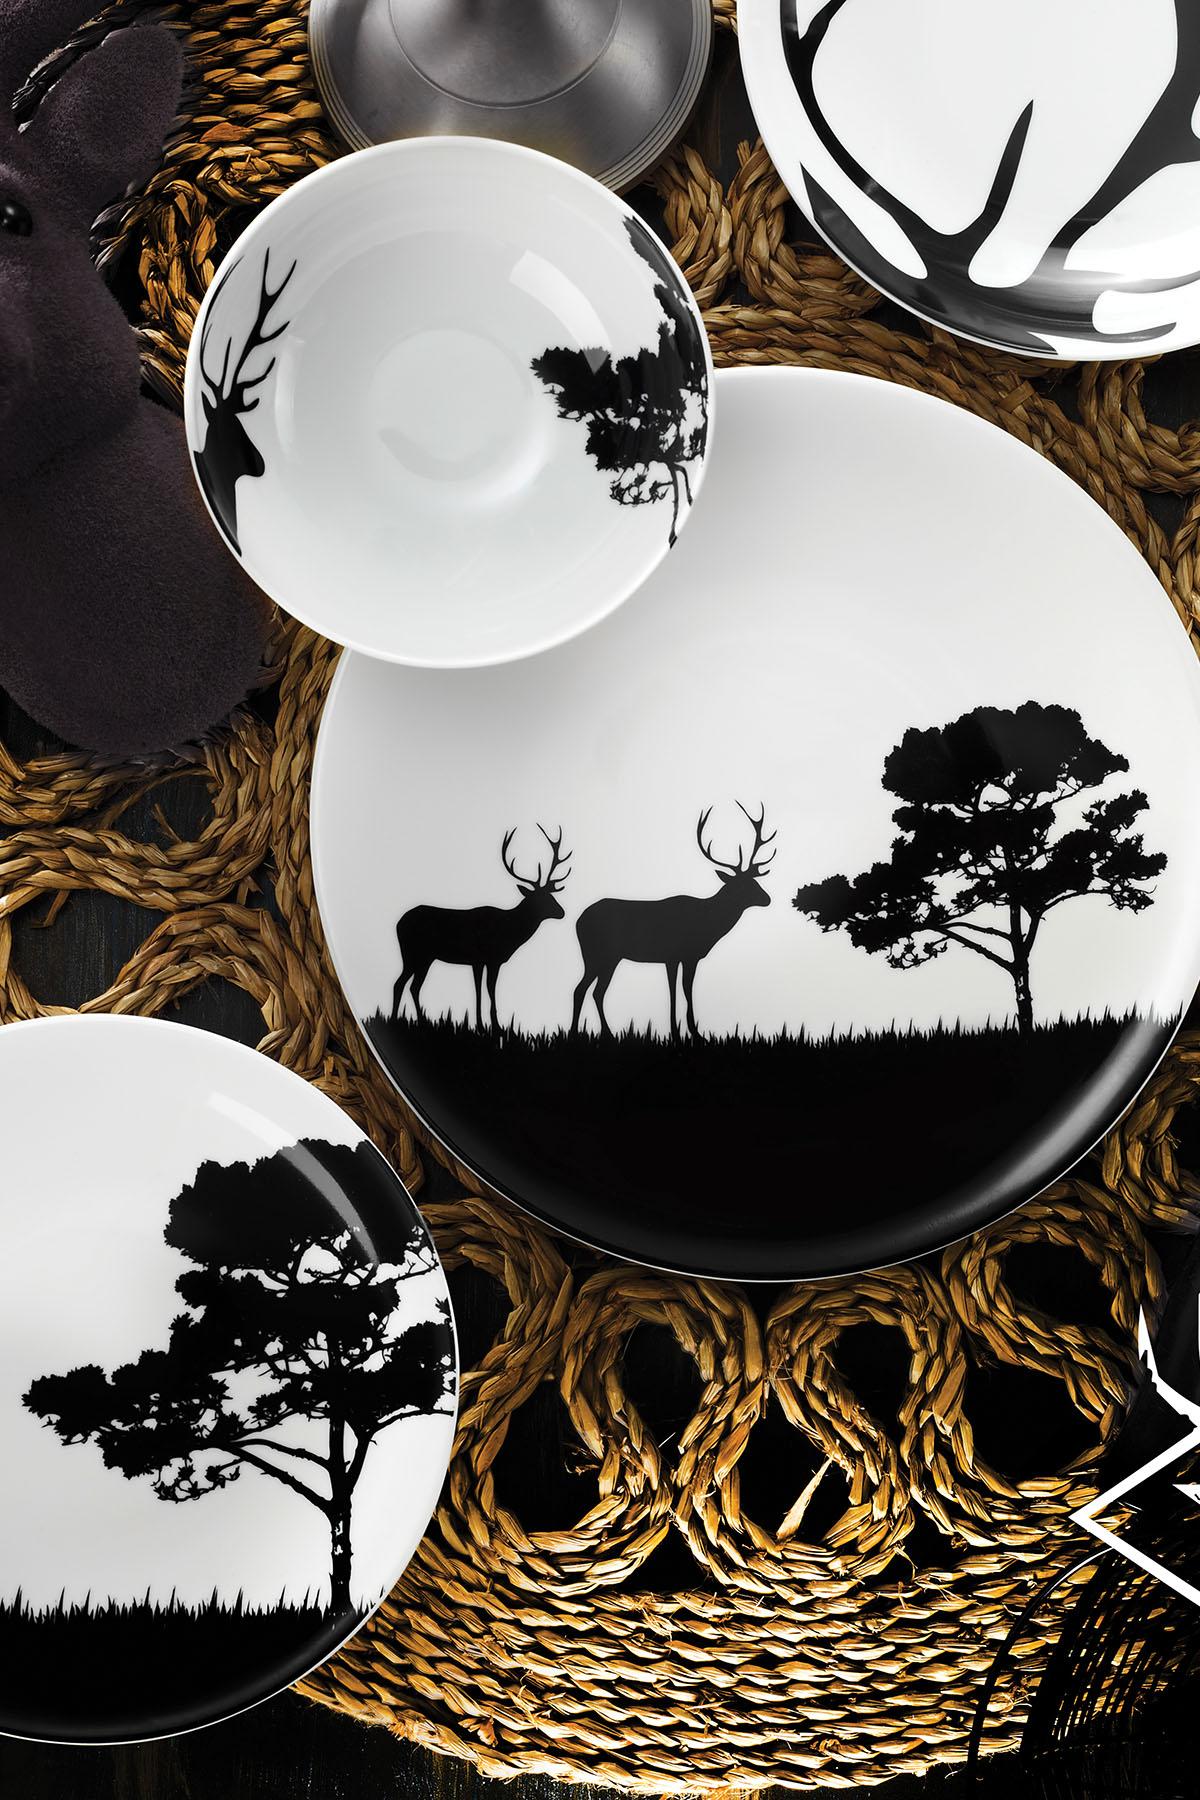 Kütahya Porselen - Kütahya Porselen Doğadakiler Serisi 24 Parça Yemek Seti